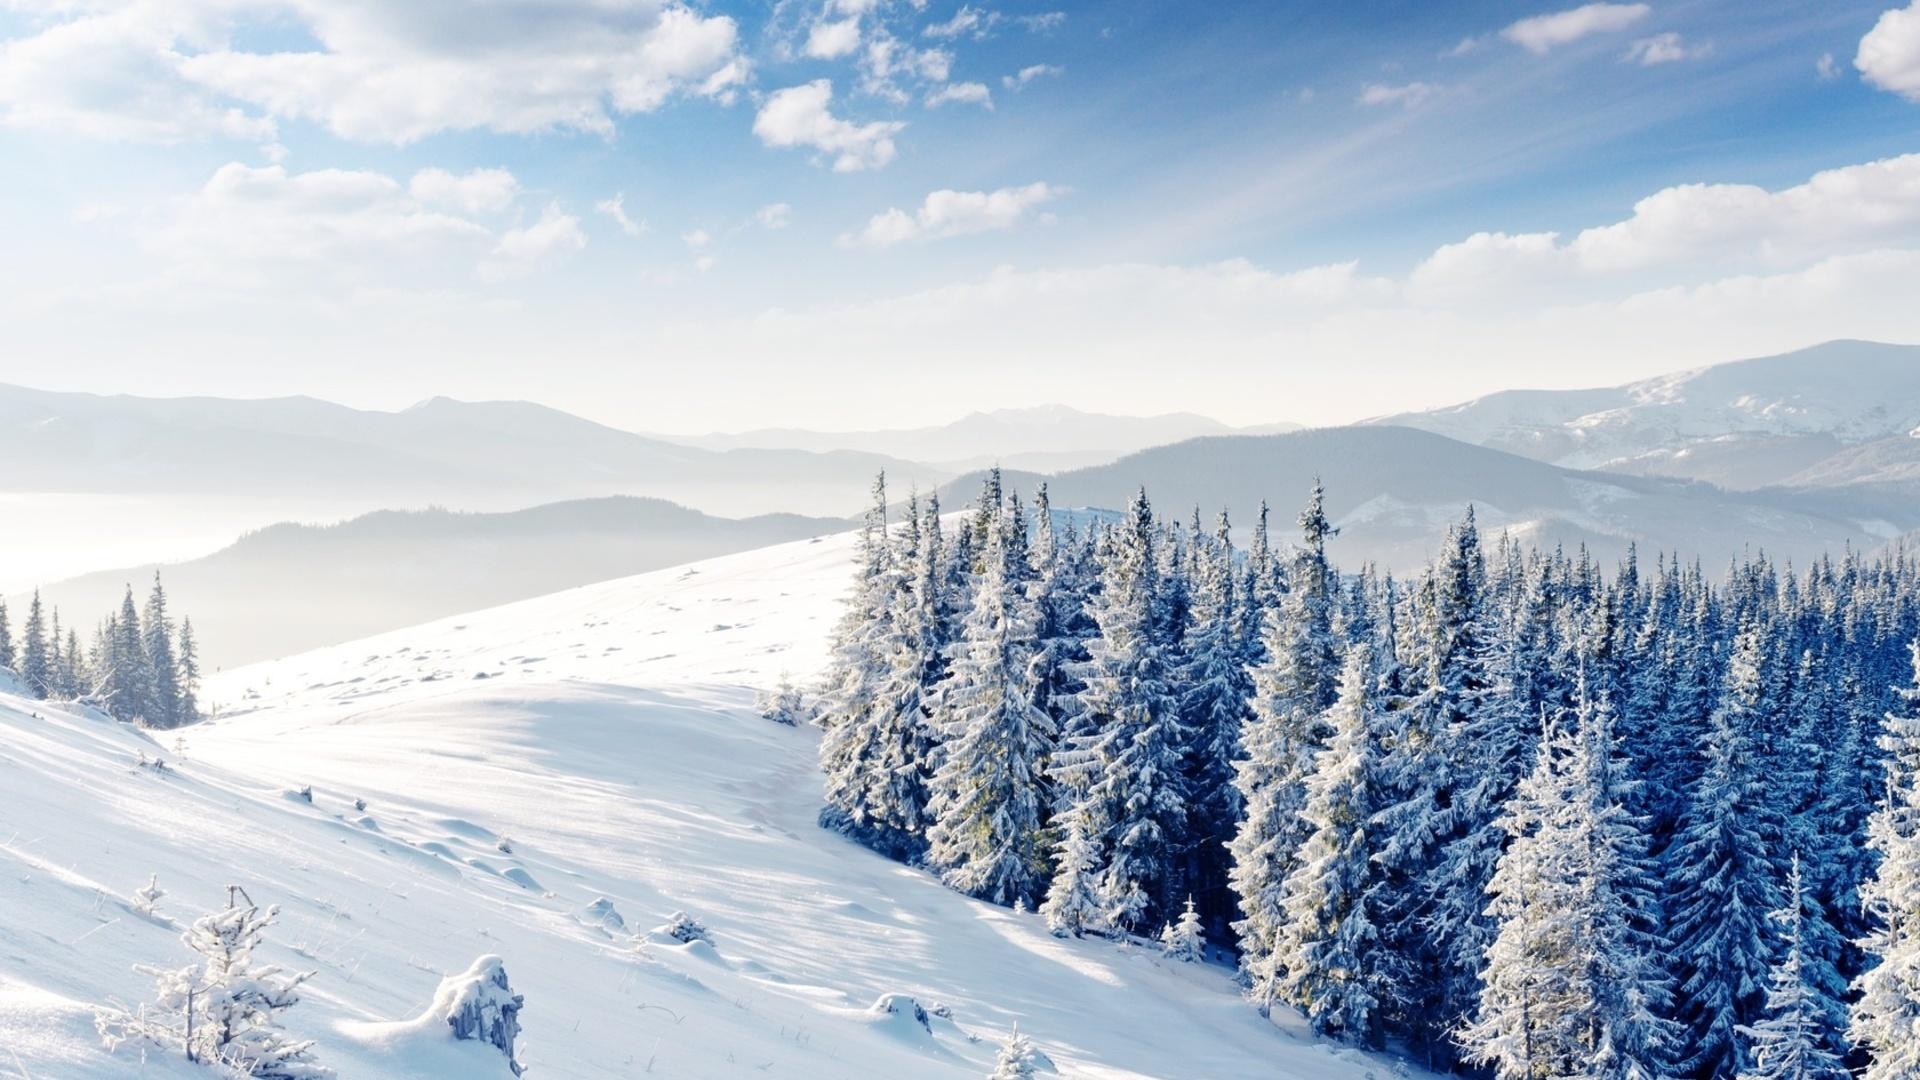 Скачать картинку Горы, Снег, Деревья, Пейзаж, Зима в телефон бесплатно.